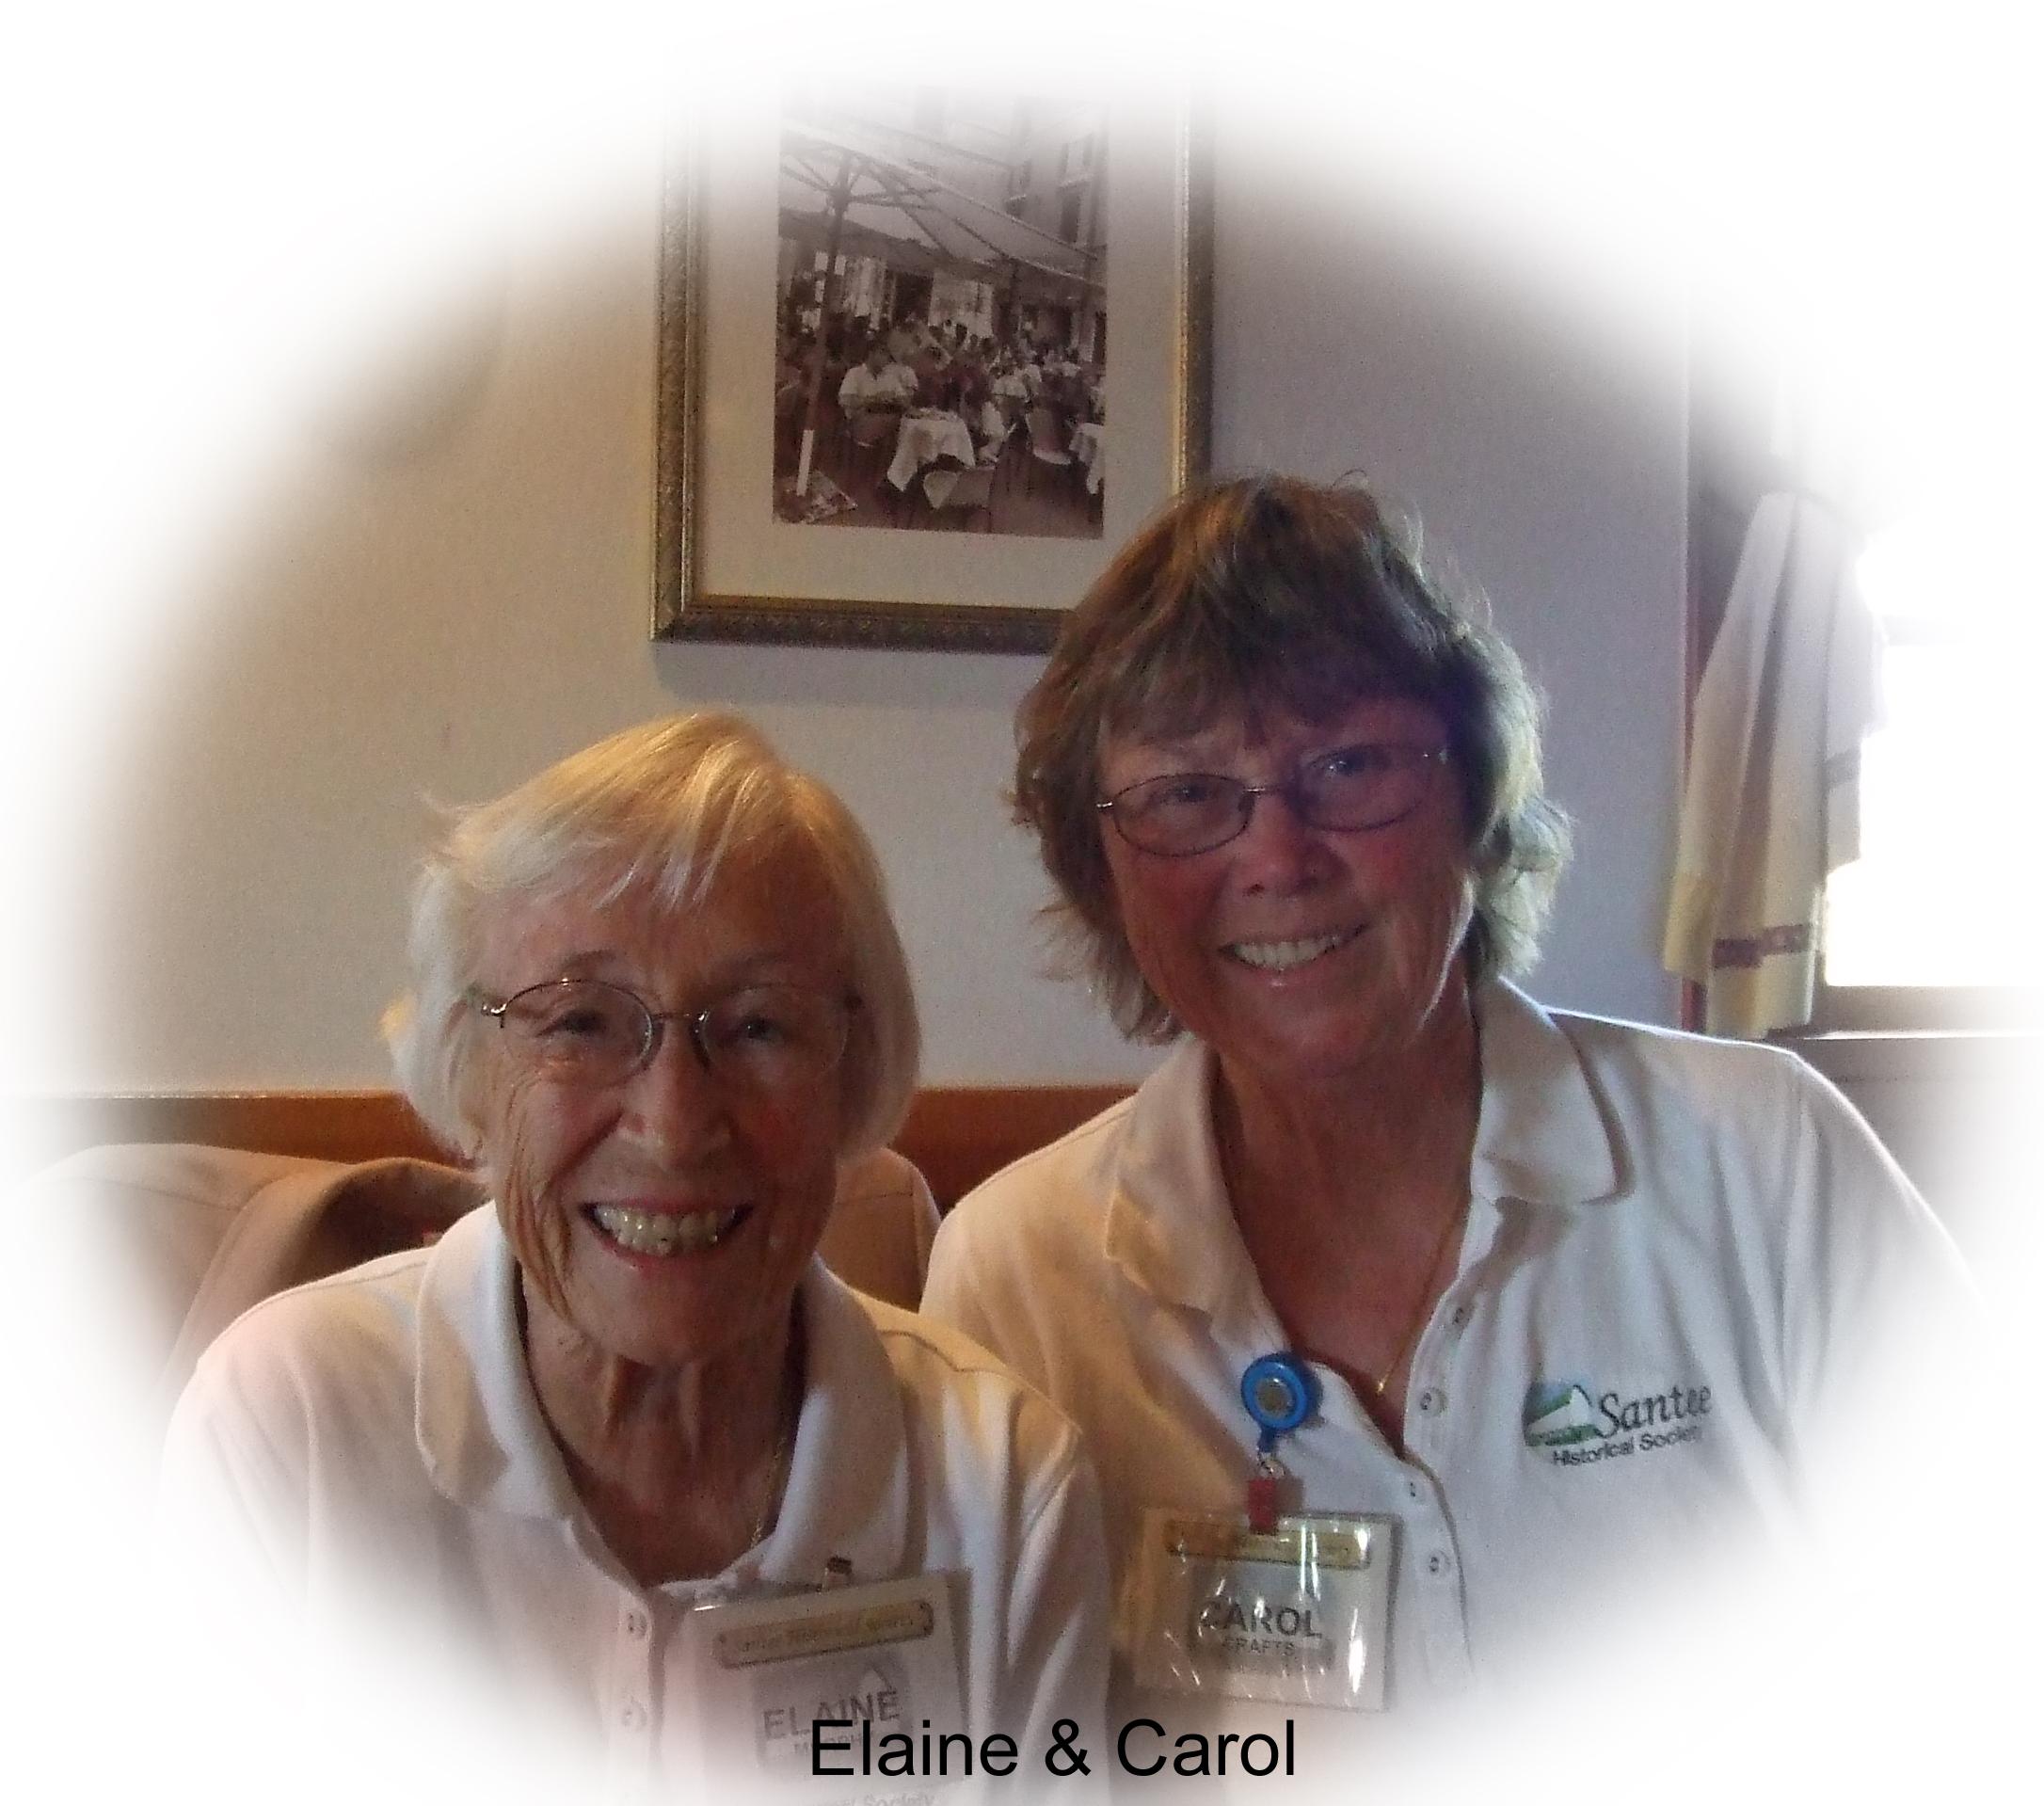 Elaine & Carol